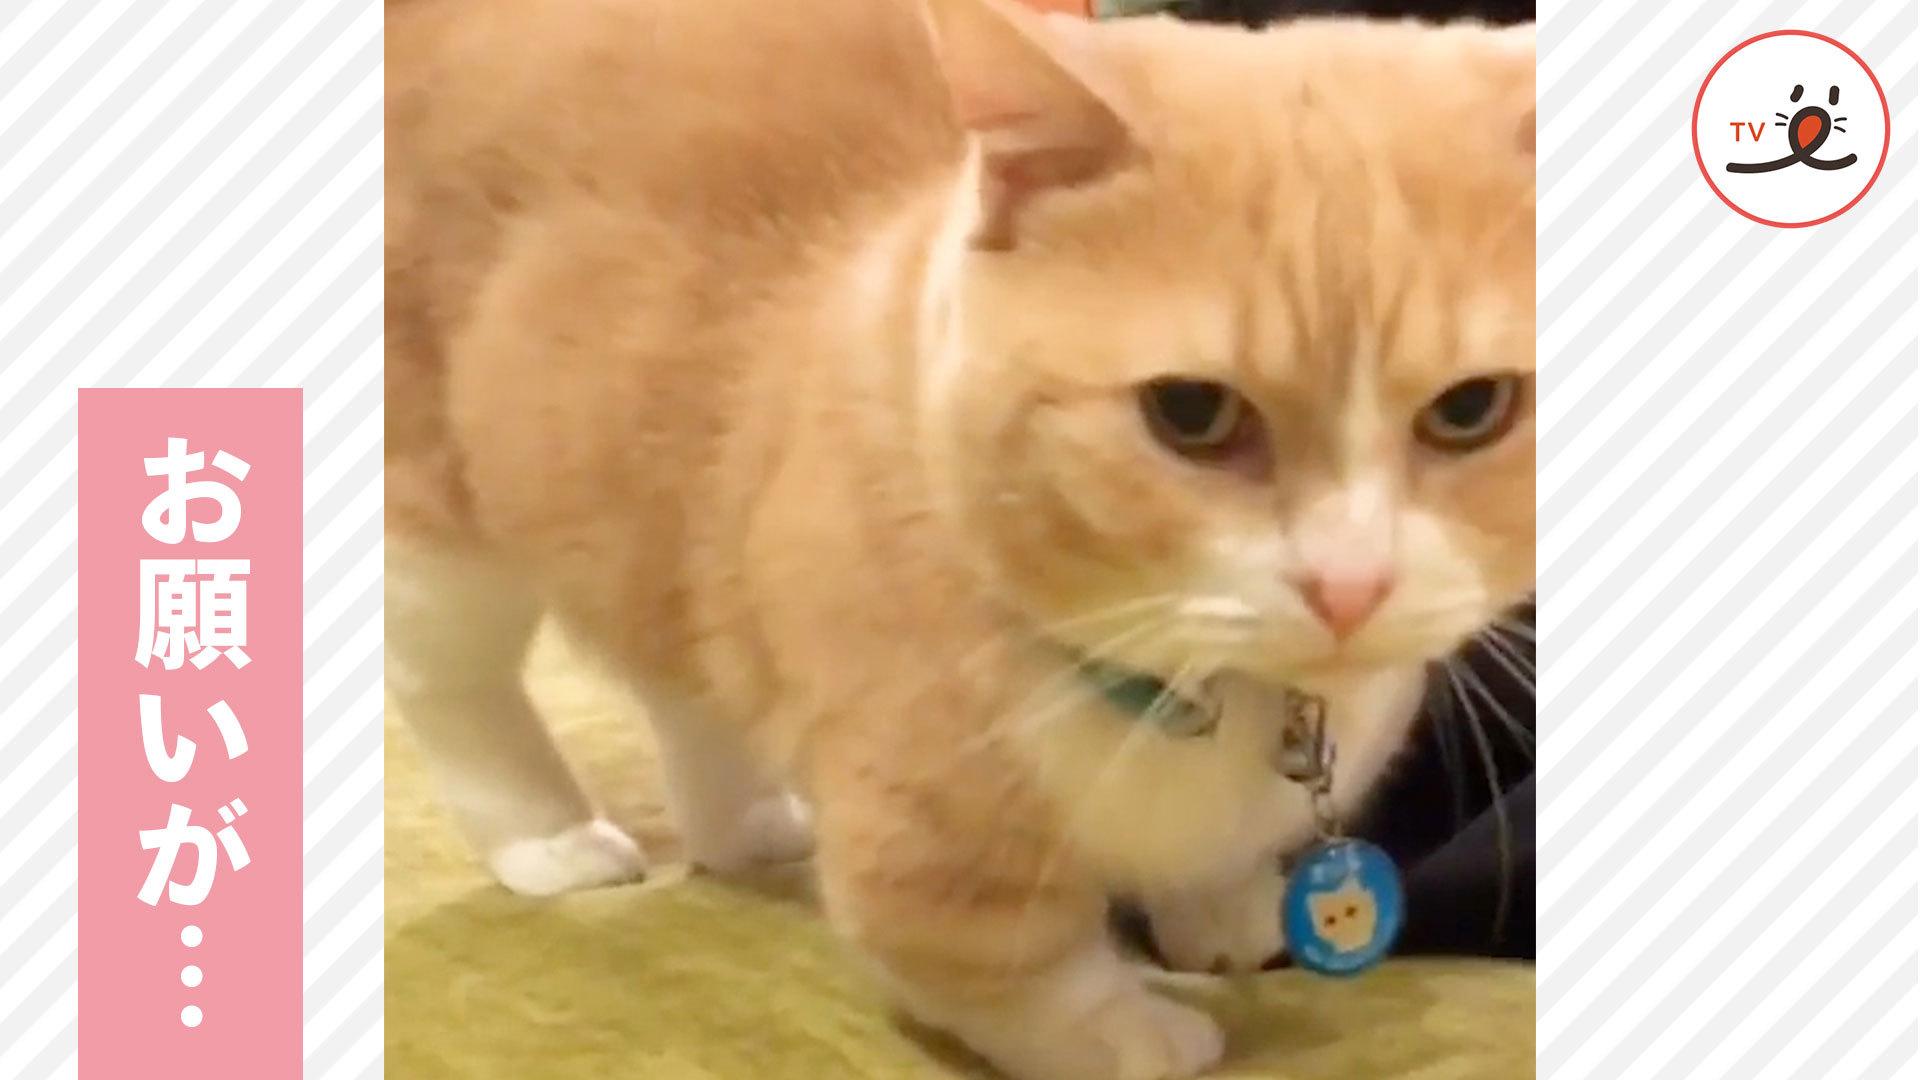 パパにスリスリ攻撃💓 何か言いたいことがありそうな猫さんだけど…🐱